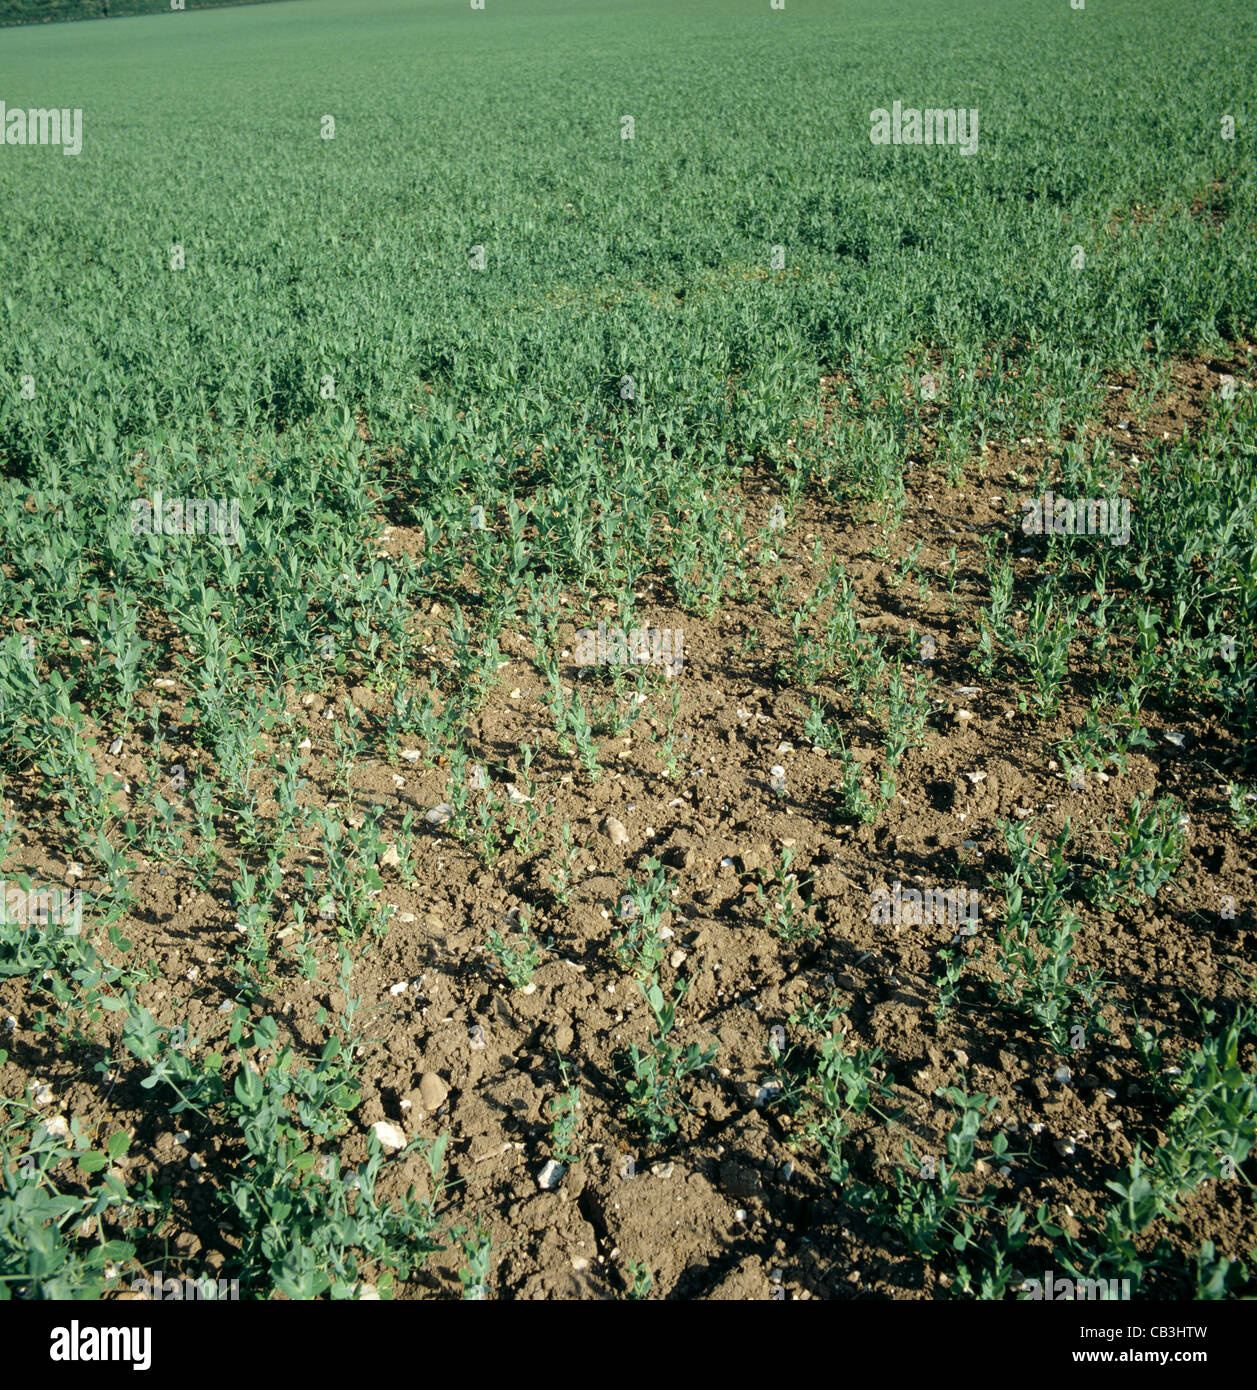 Stand de pauvres petits pois causé par une mauvaise germination et manque de vigueur des semences Photo Stock